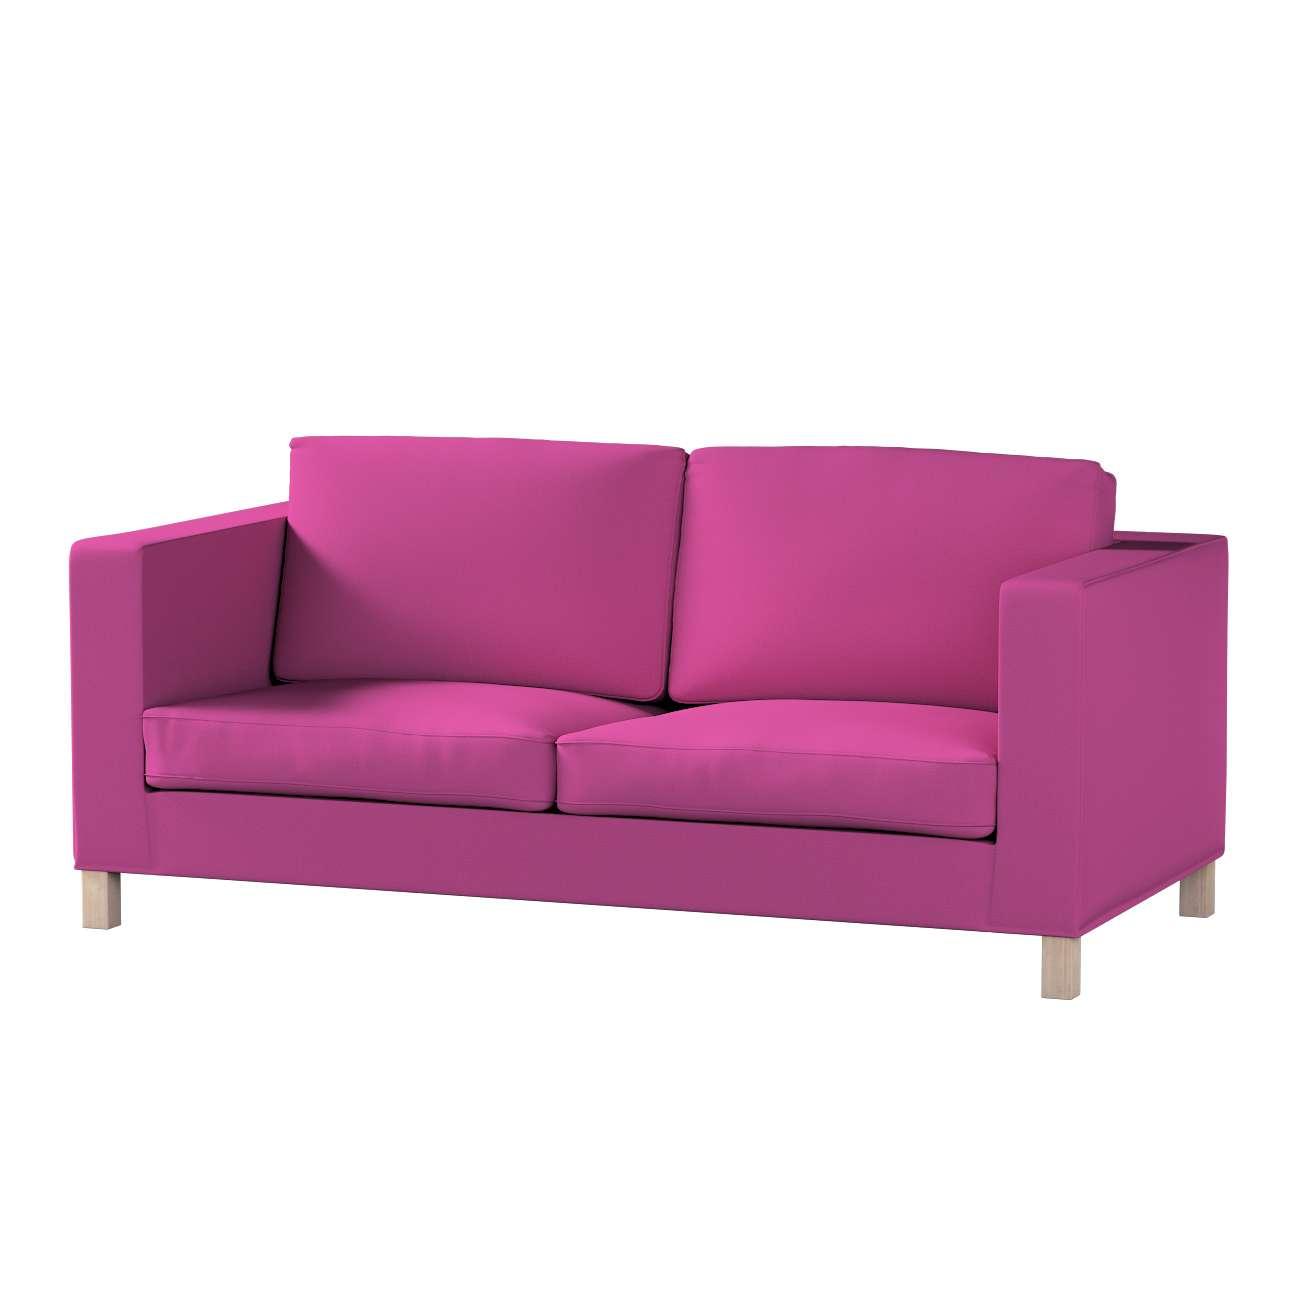 KARLANDA sofos lovos užvalkalas KARLANDA sofos lovos užvalkalas kolekcijoje Etna , audinys: 705-23